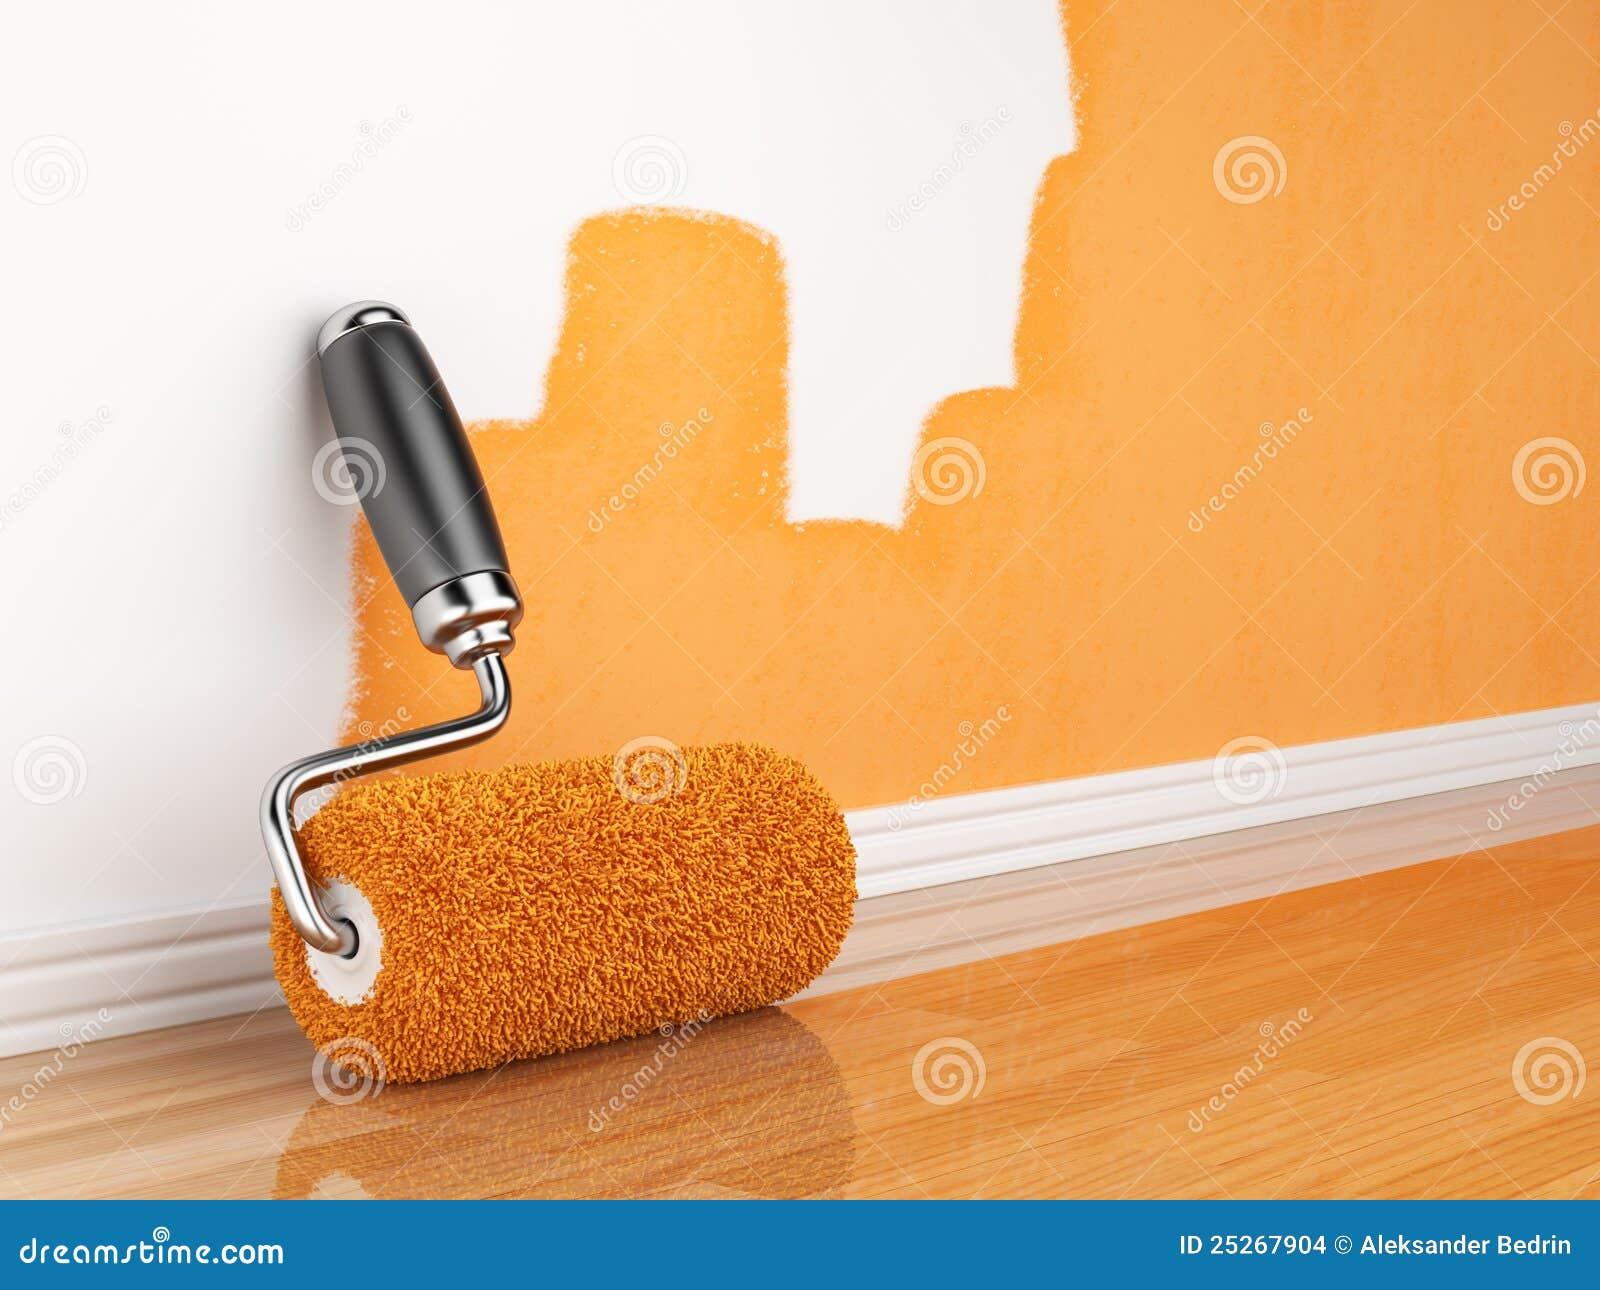 κενός τοίχος ανακαίνισης βασικής ζωγραφικής